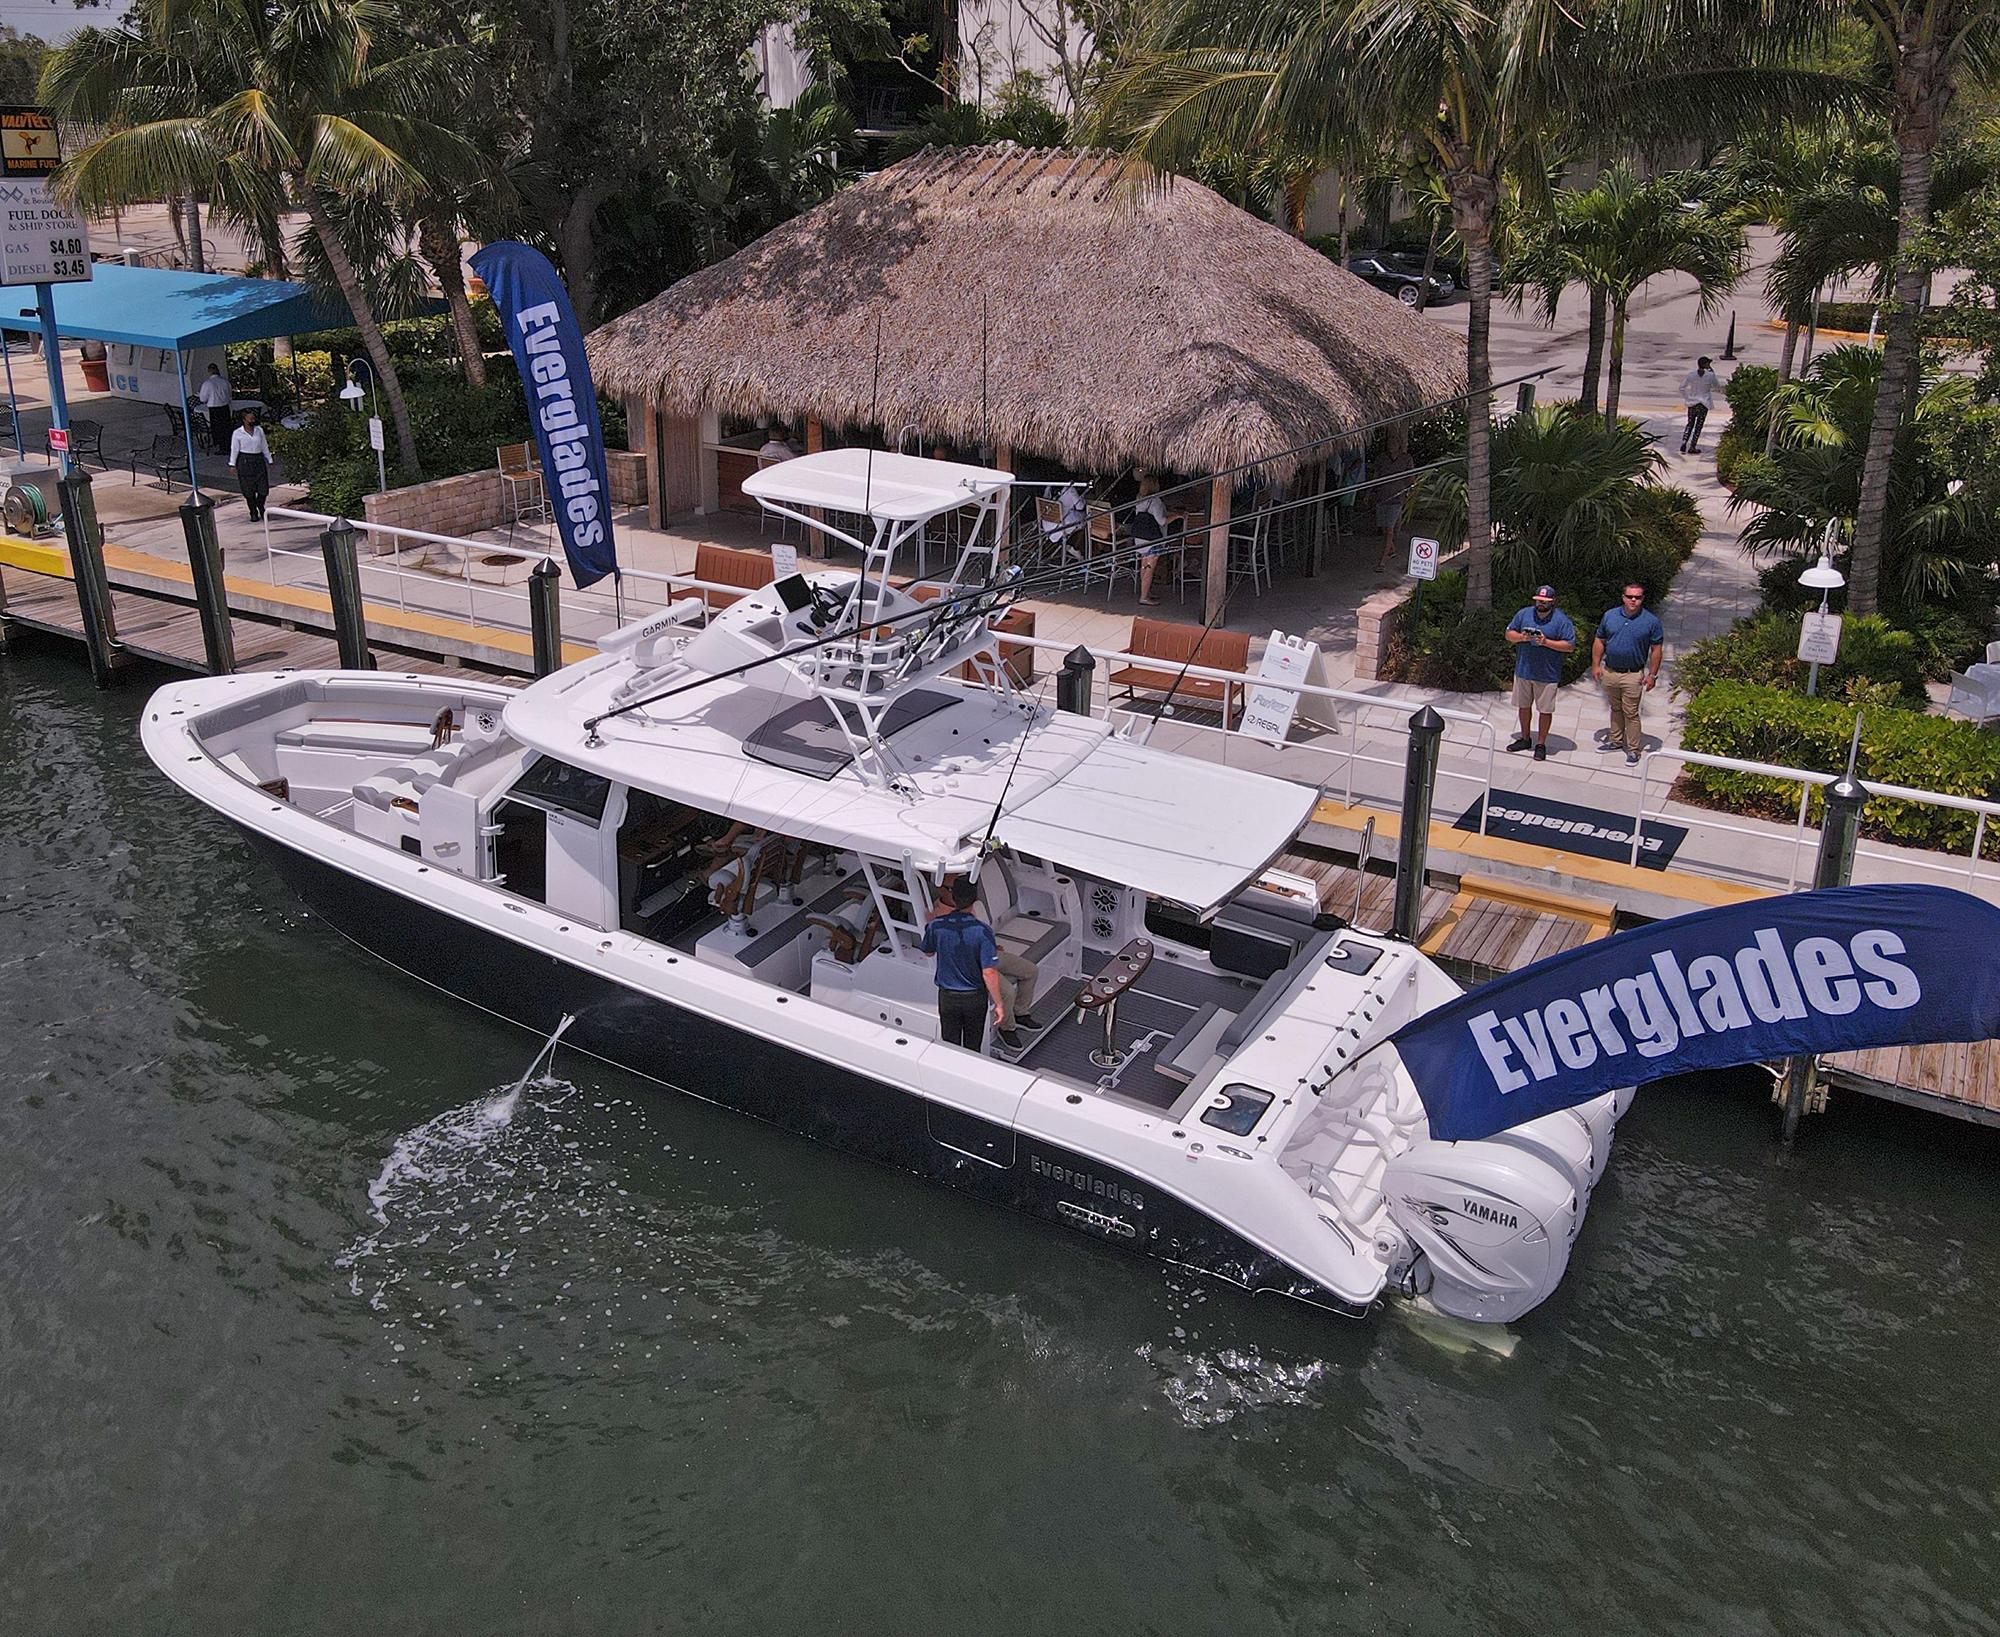 2022 Everglades 455cc Center Console Boat